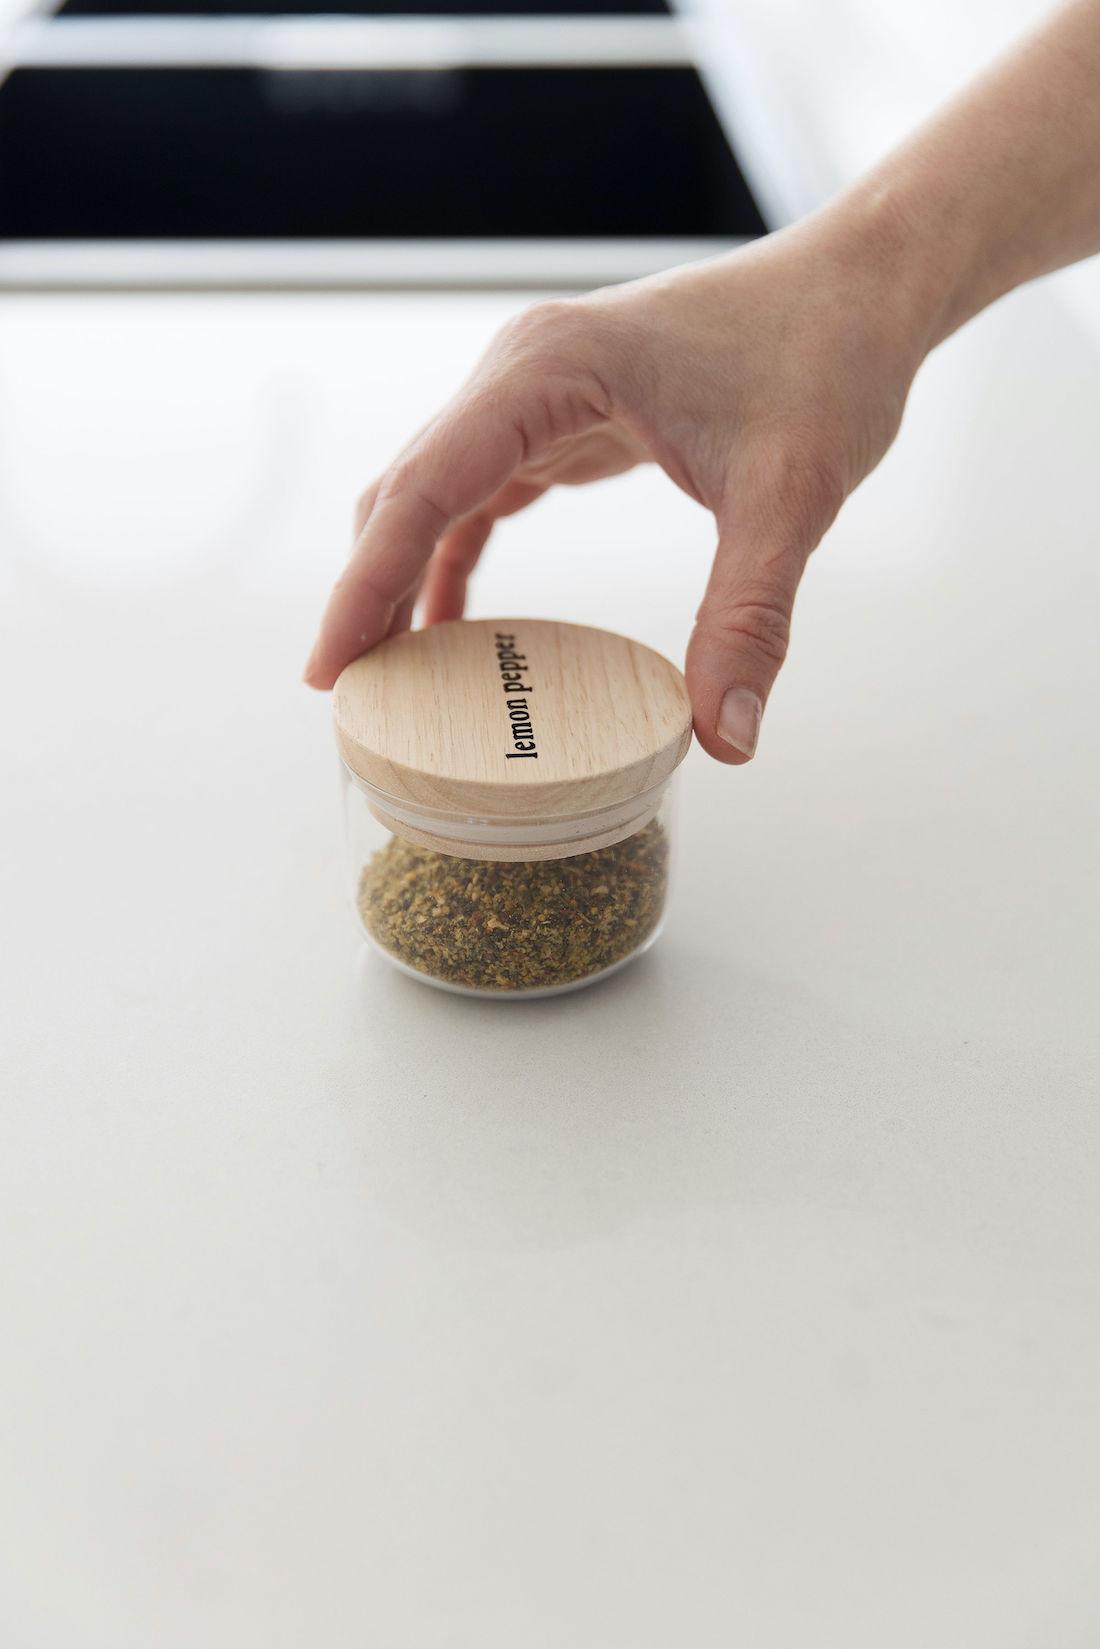 Lemon pepper jar using Kmart canister